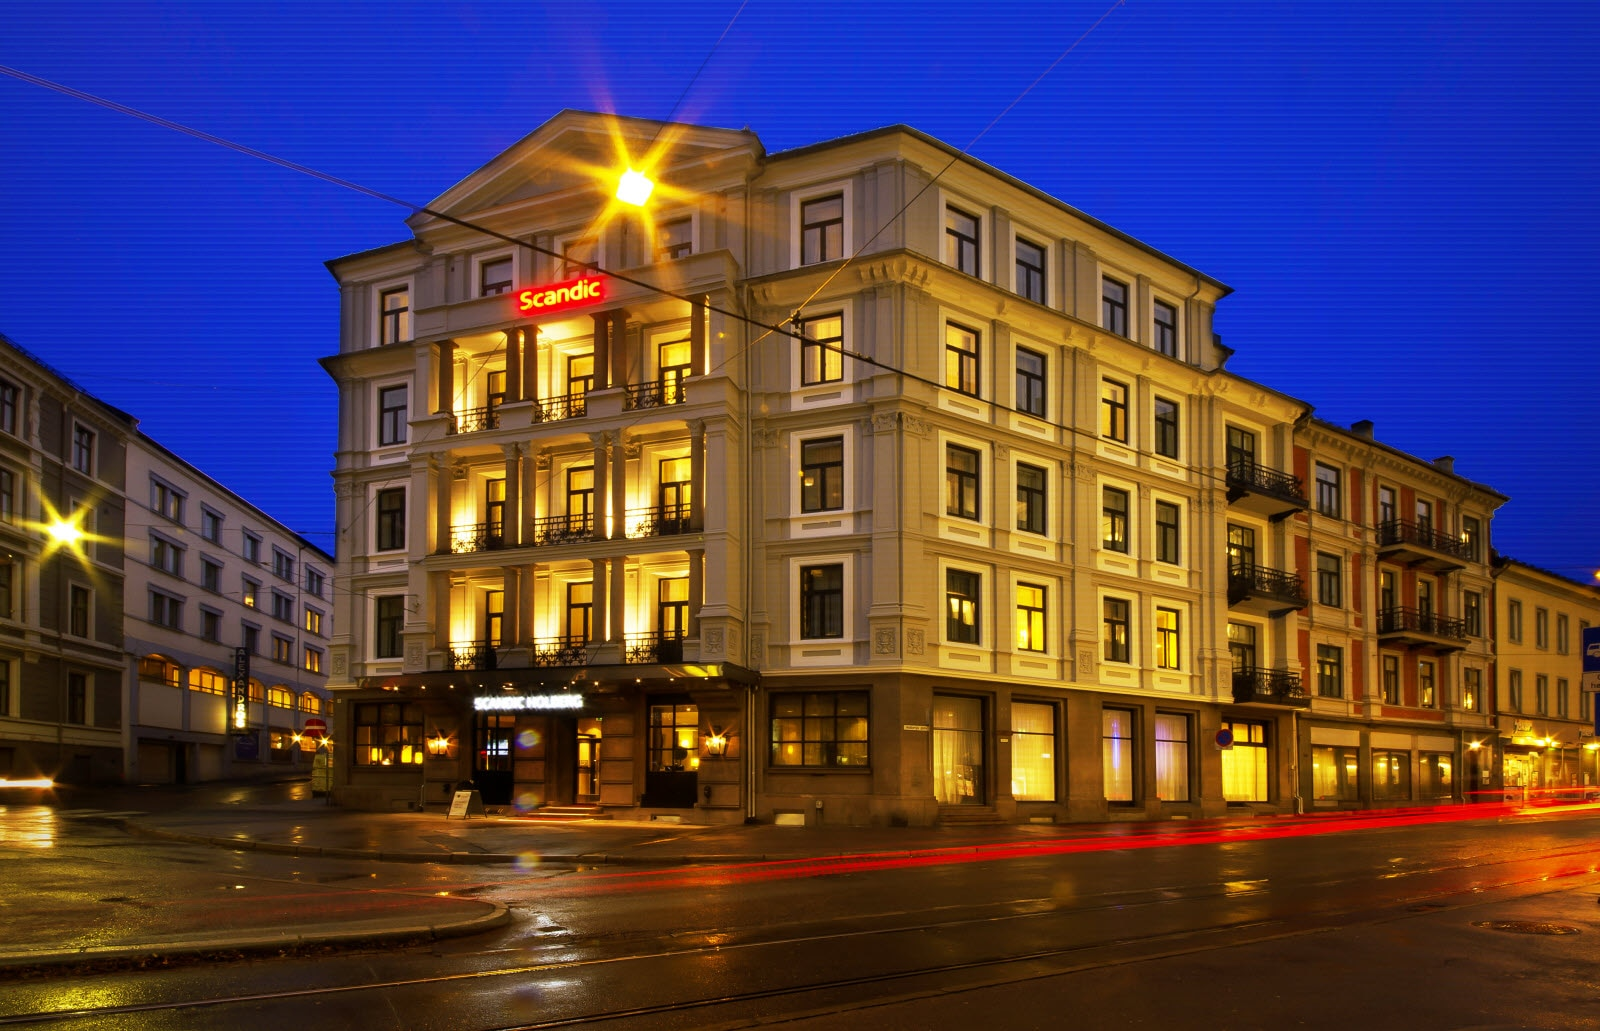 scandic holberg hotel oslo scandic hotels. Black Bedroom Furniture Sets. Home Design Ideas